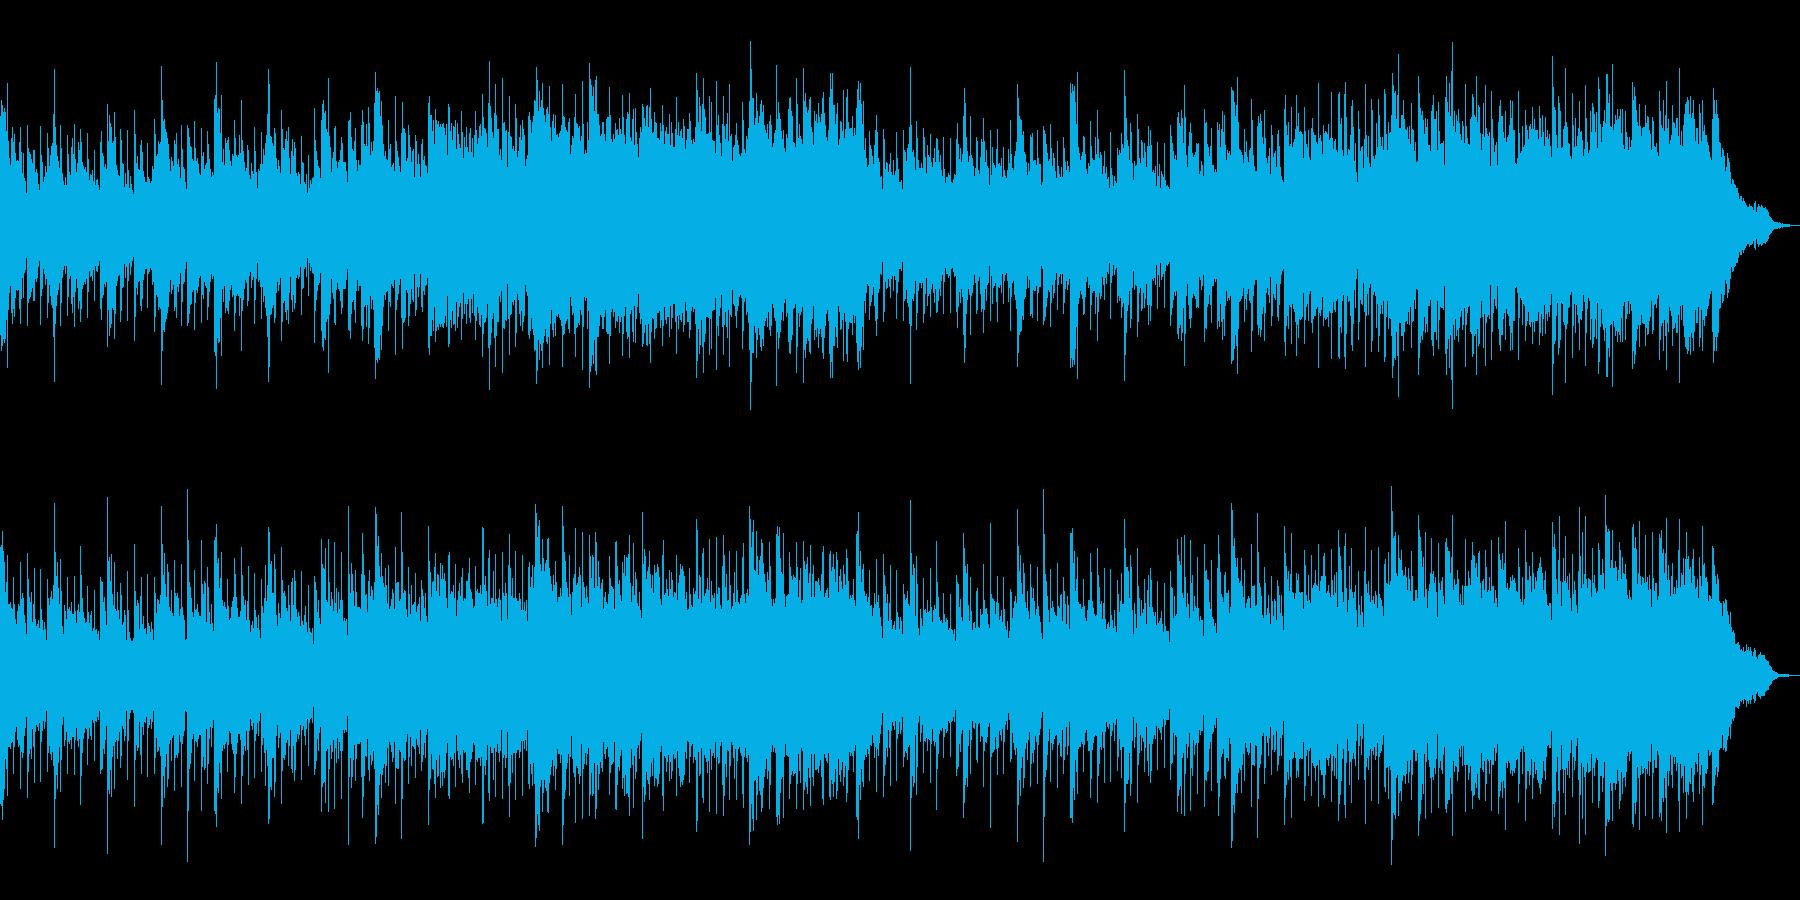 海のシーンに合うBGMです。の再生済みの波形